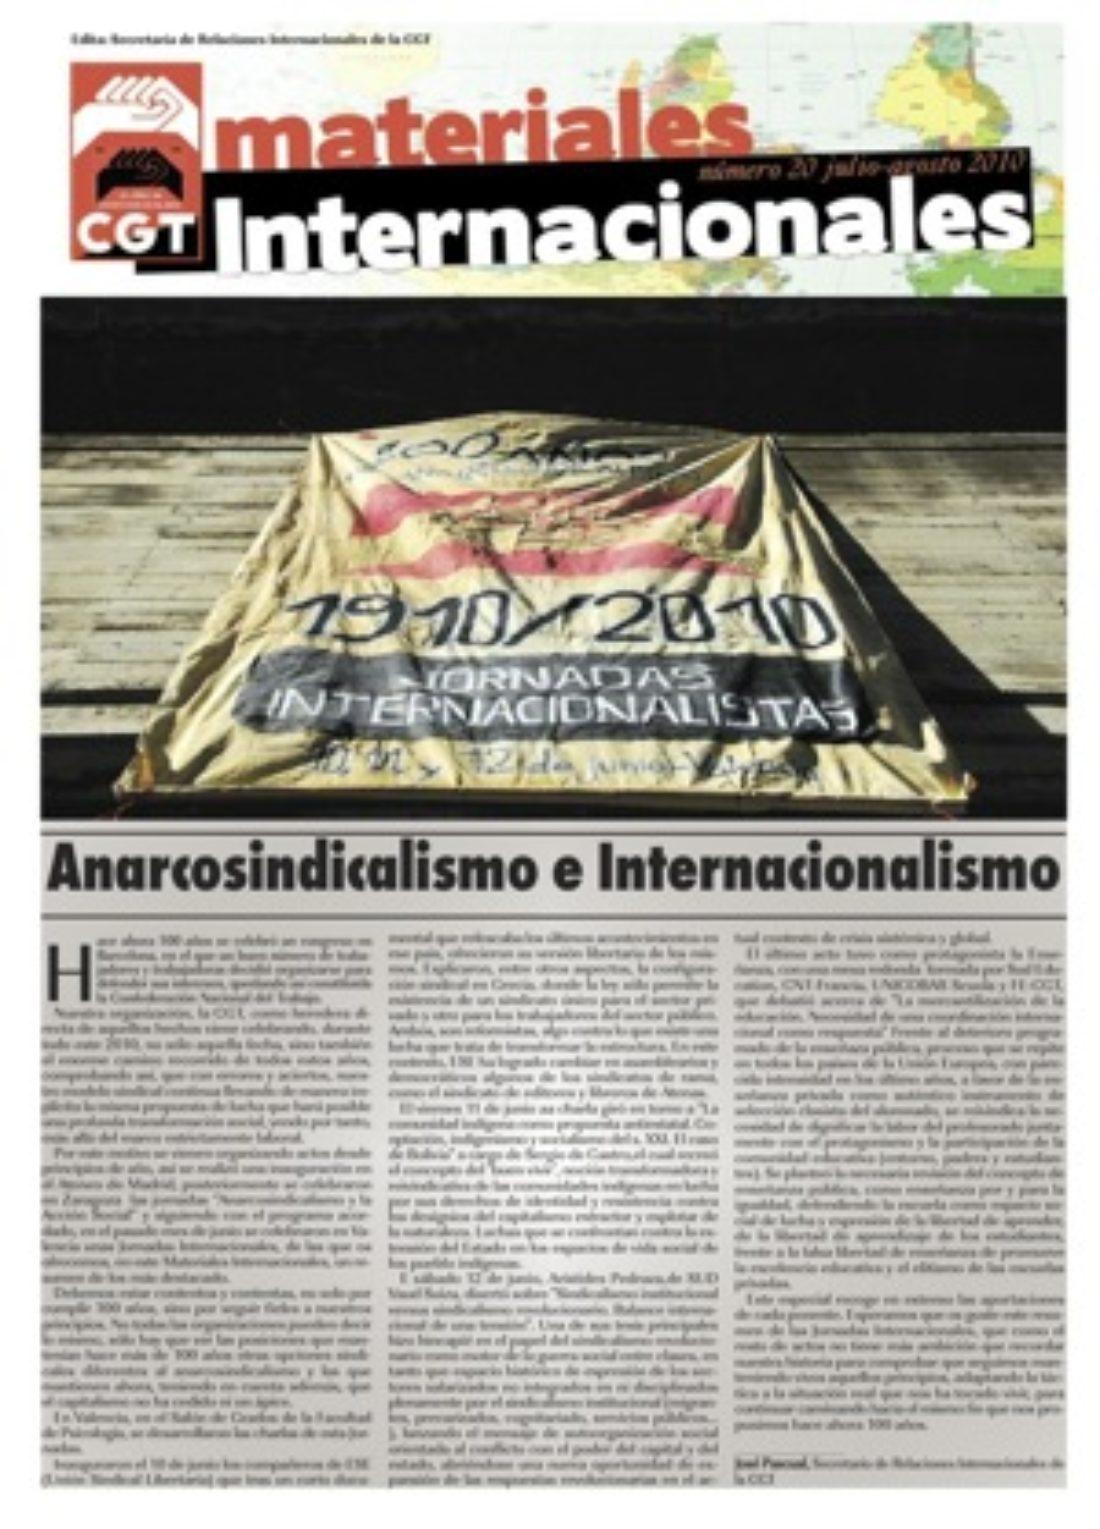 Materiales Internacionales 20 – Anarcosindicalismo e Internacionalismo